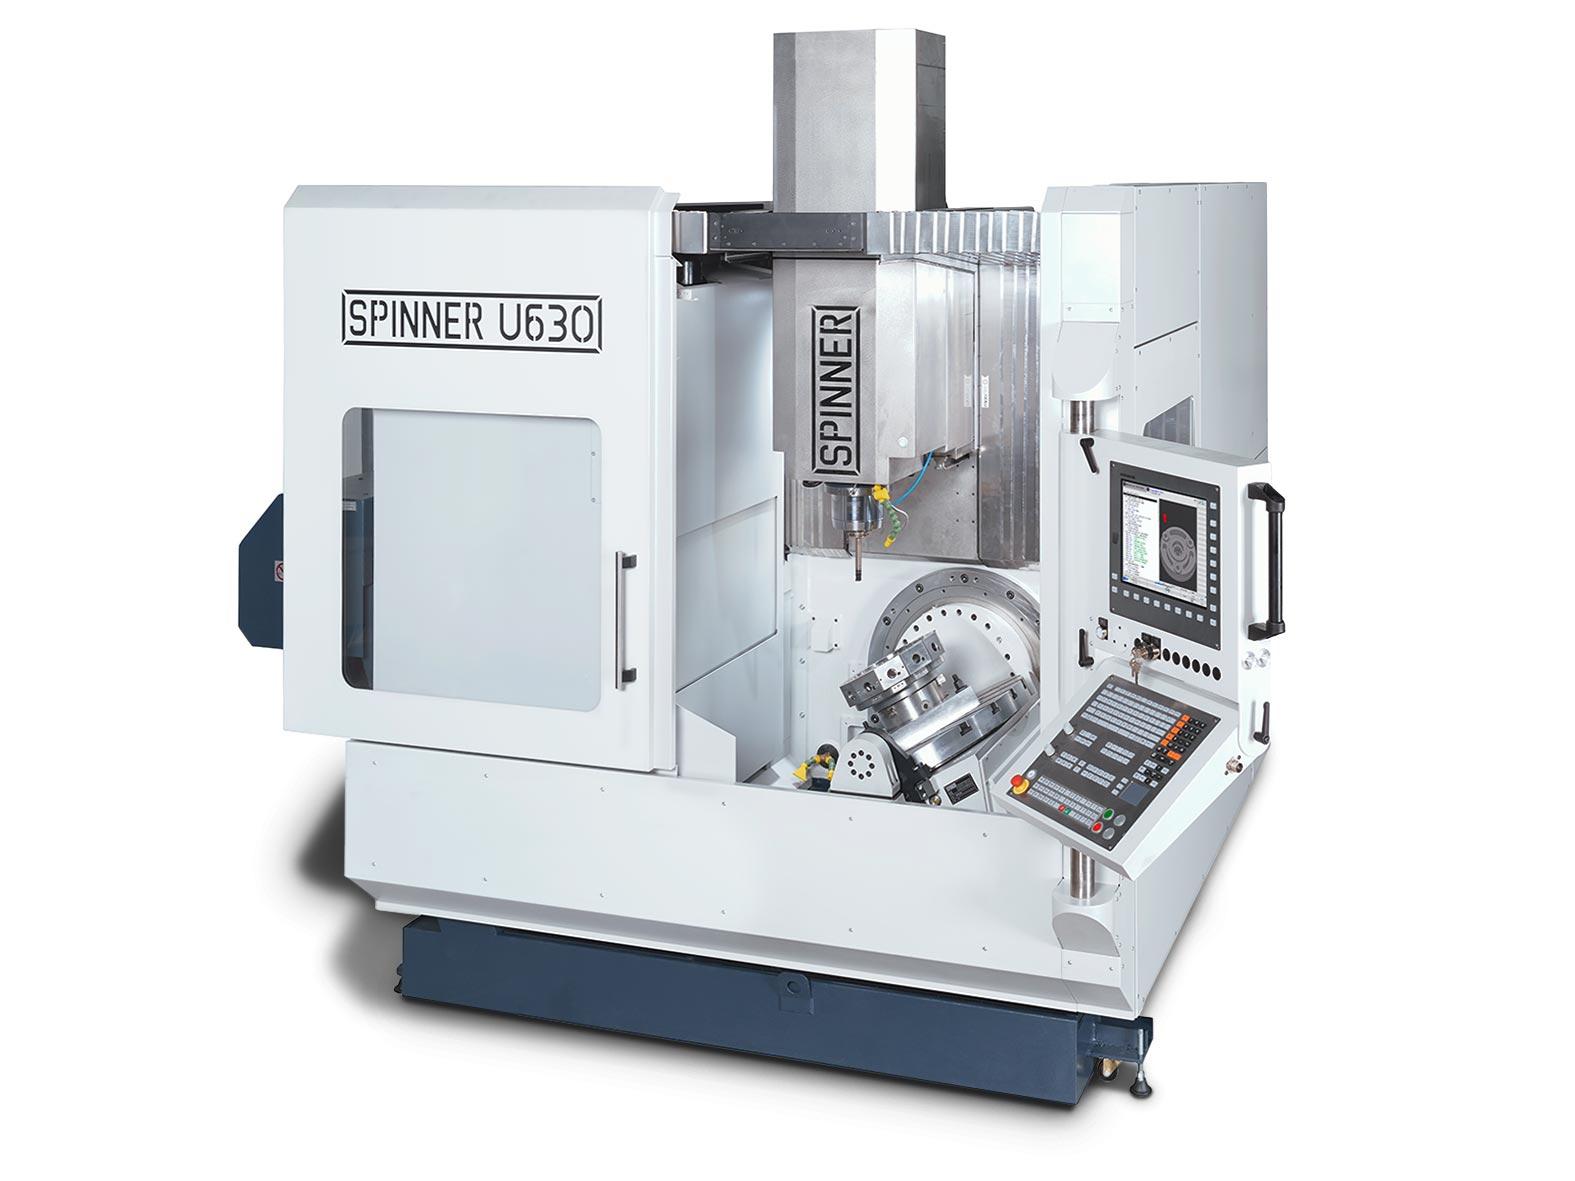 Spinner AG - Spinner 5-Achs-Universalbearbeitungszentrum U5-630 mit Spinner Touch-Panel 4.0